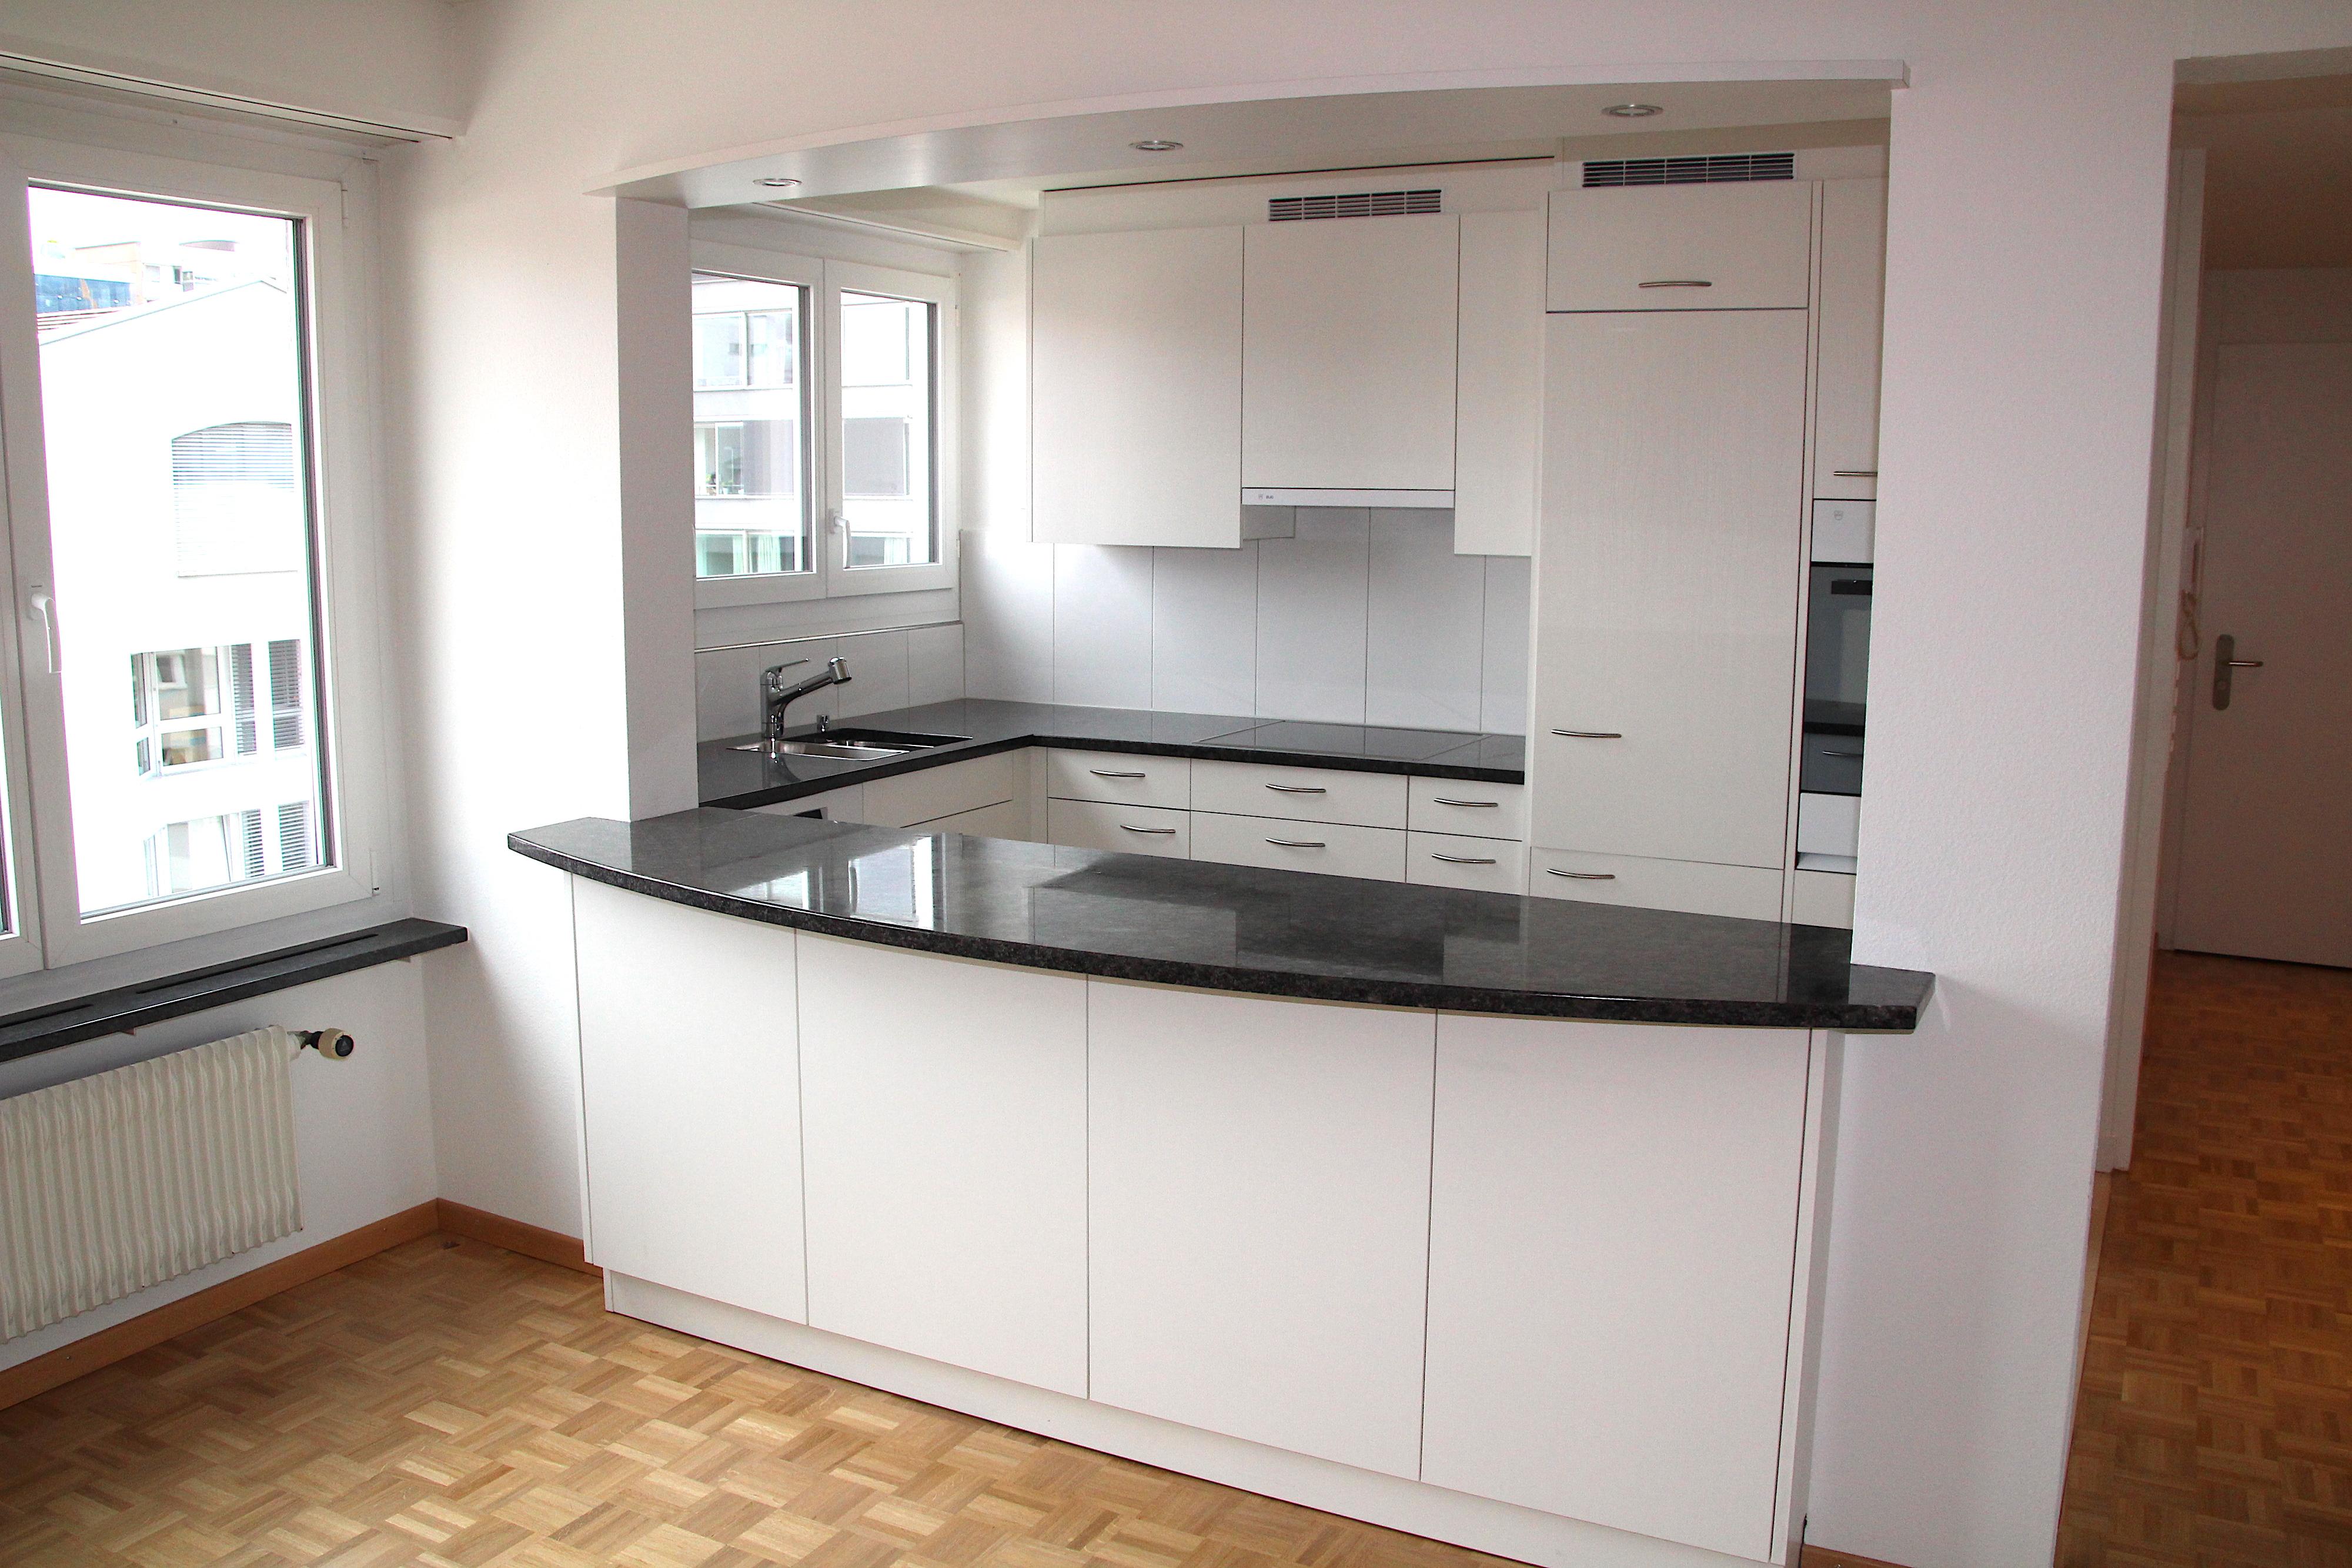 Innen erstrahlt in den sanierten Wohnungen eine moderne Wohnküche mit V-Zug-Geräten.